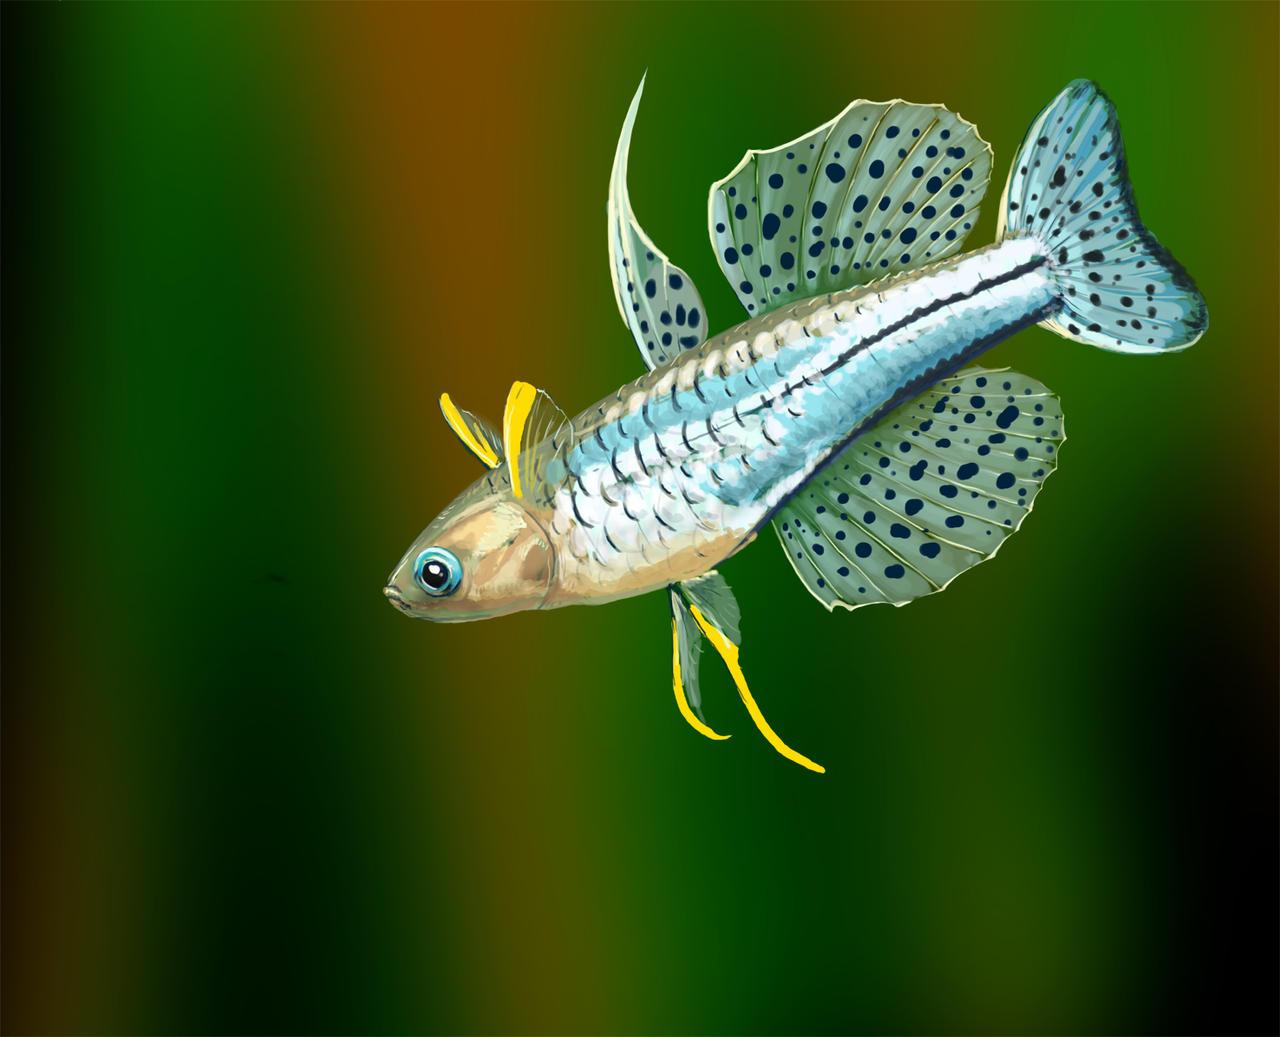 how to breed australian rainbow fish